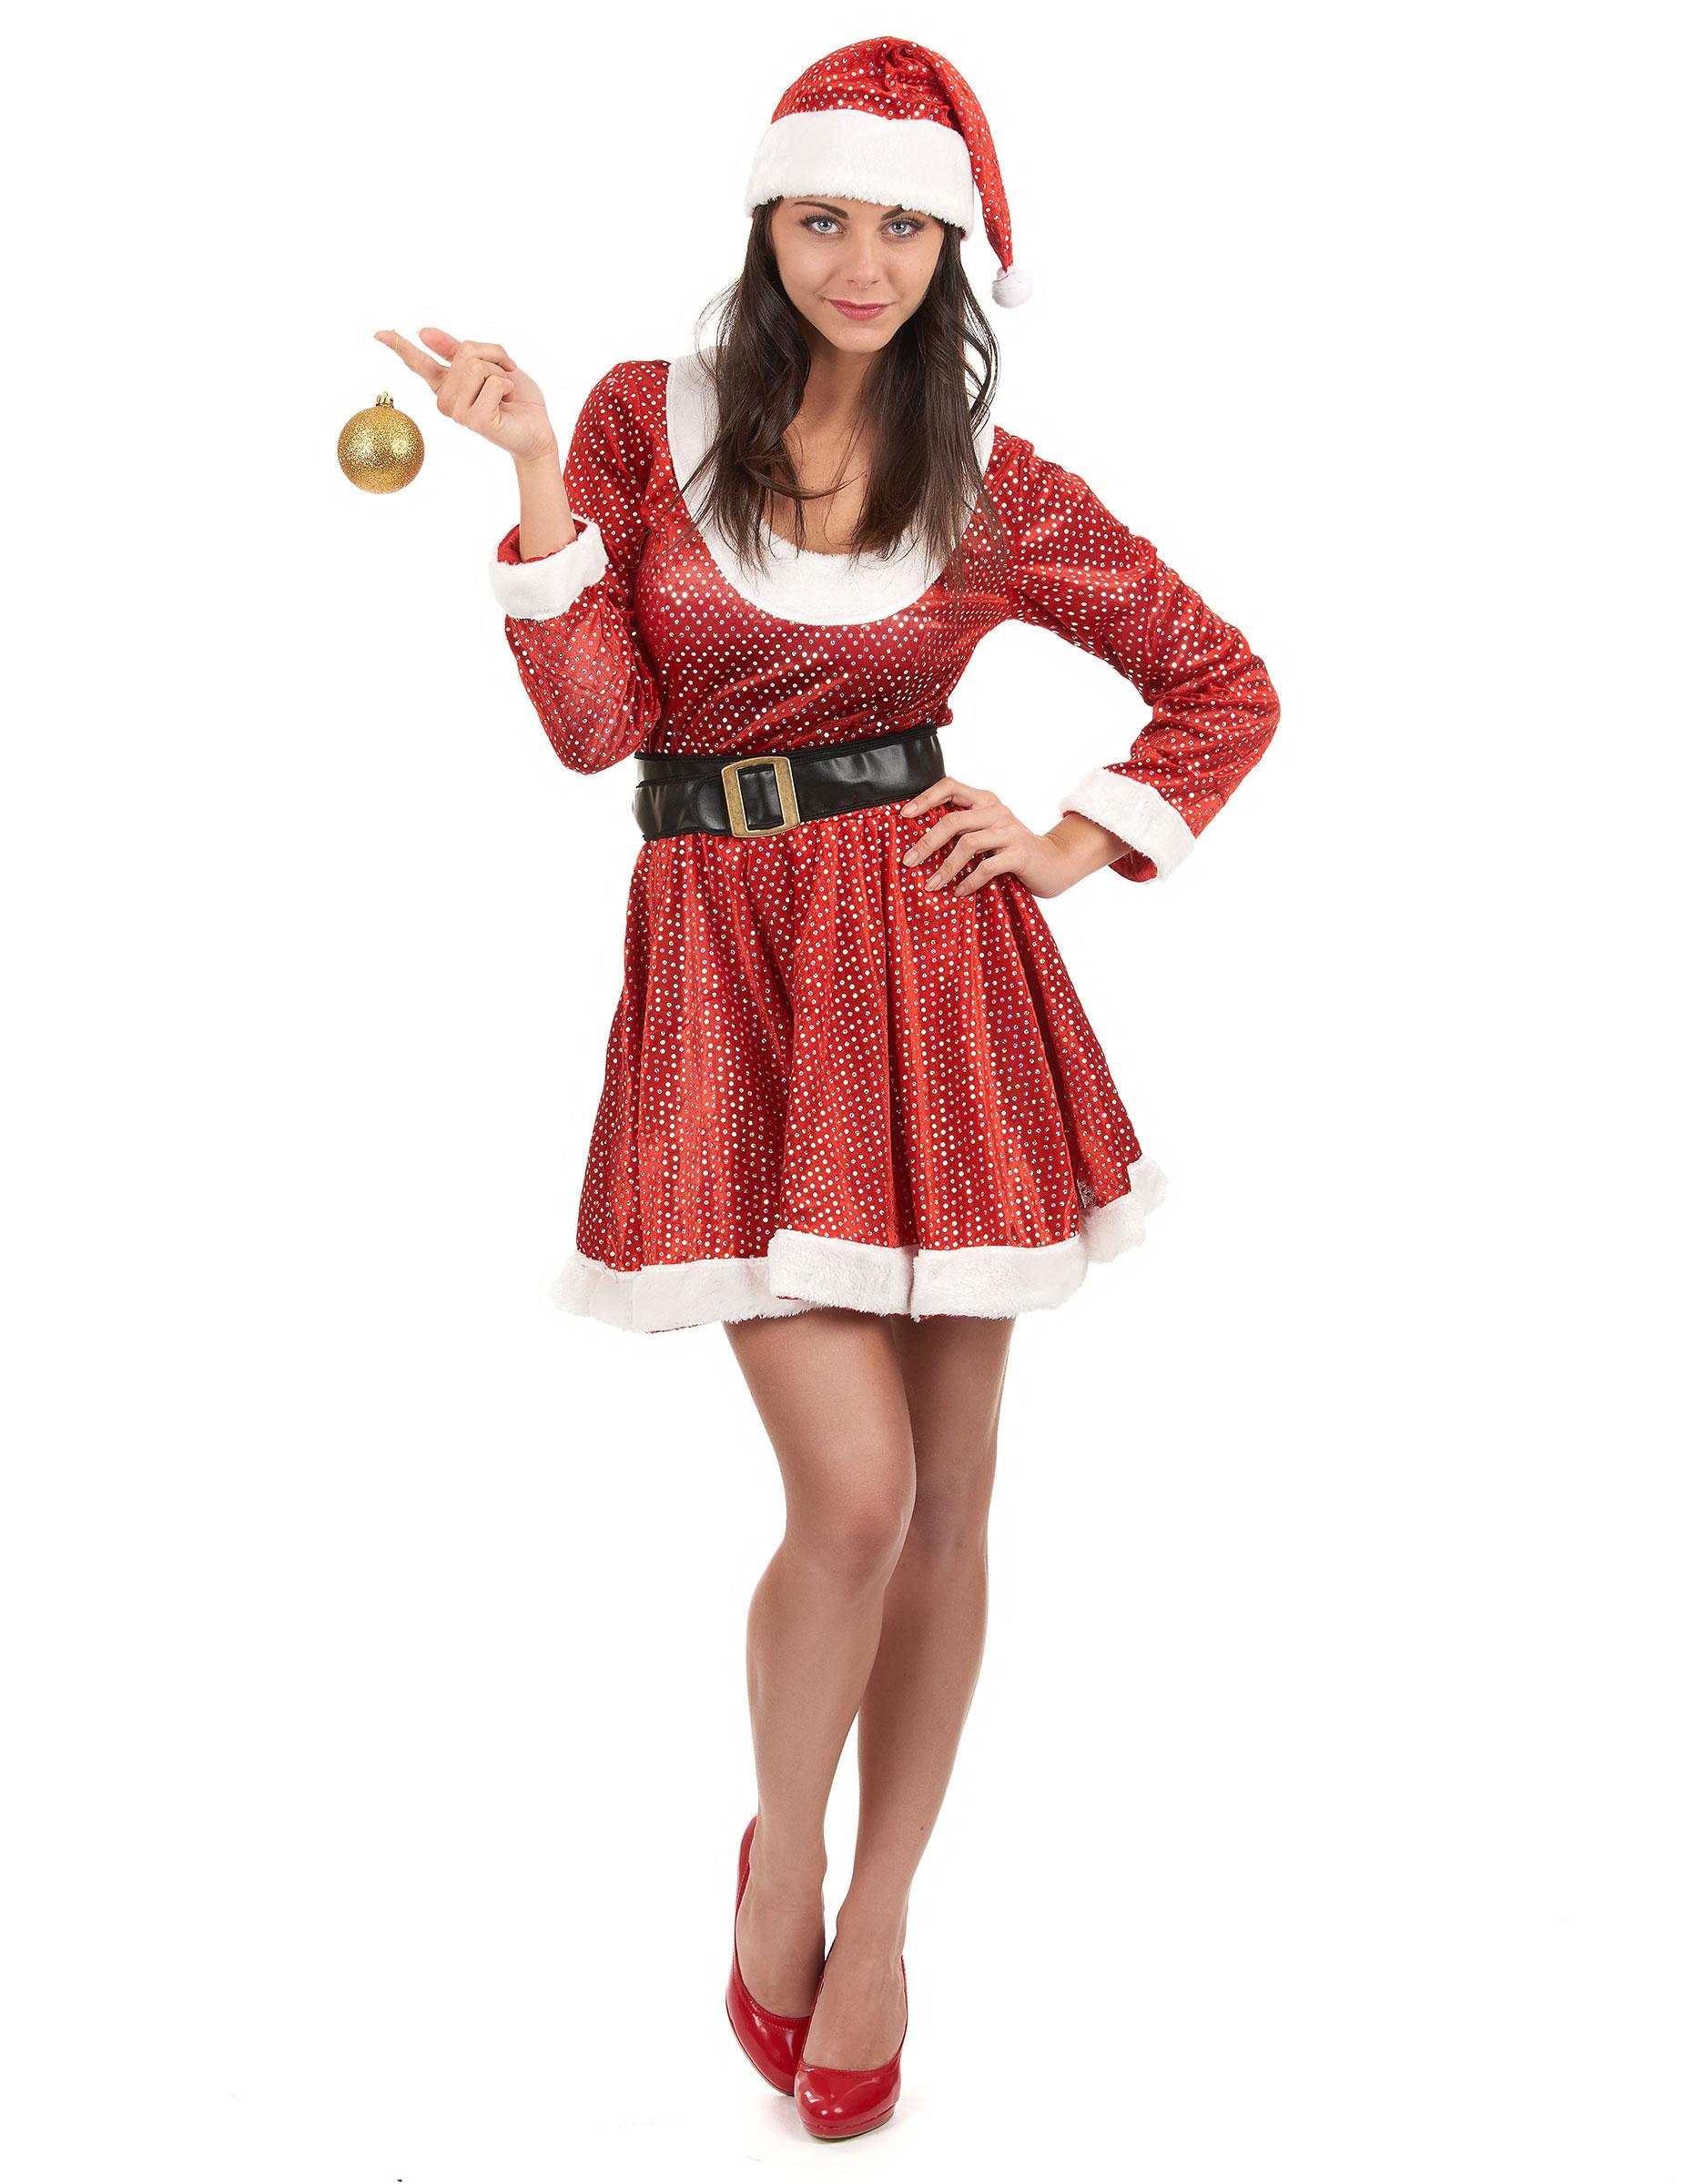 Immagini Di Mamma Natale.Costume Di Mamma Natale Da Donna Su Vegaooparty Negozio Di Articoli Per Feste